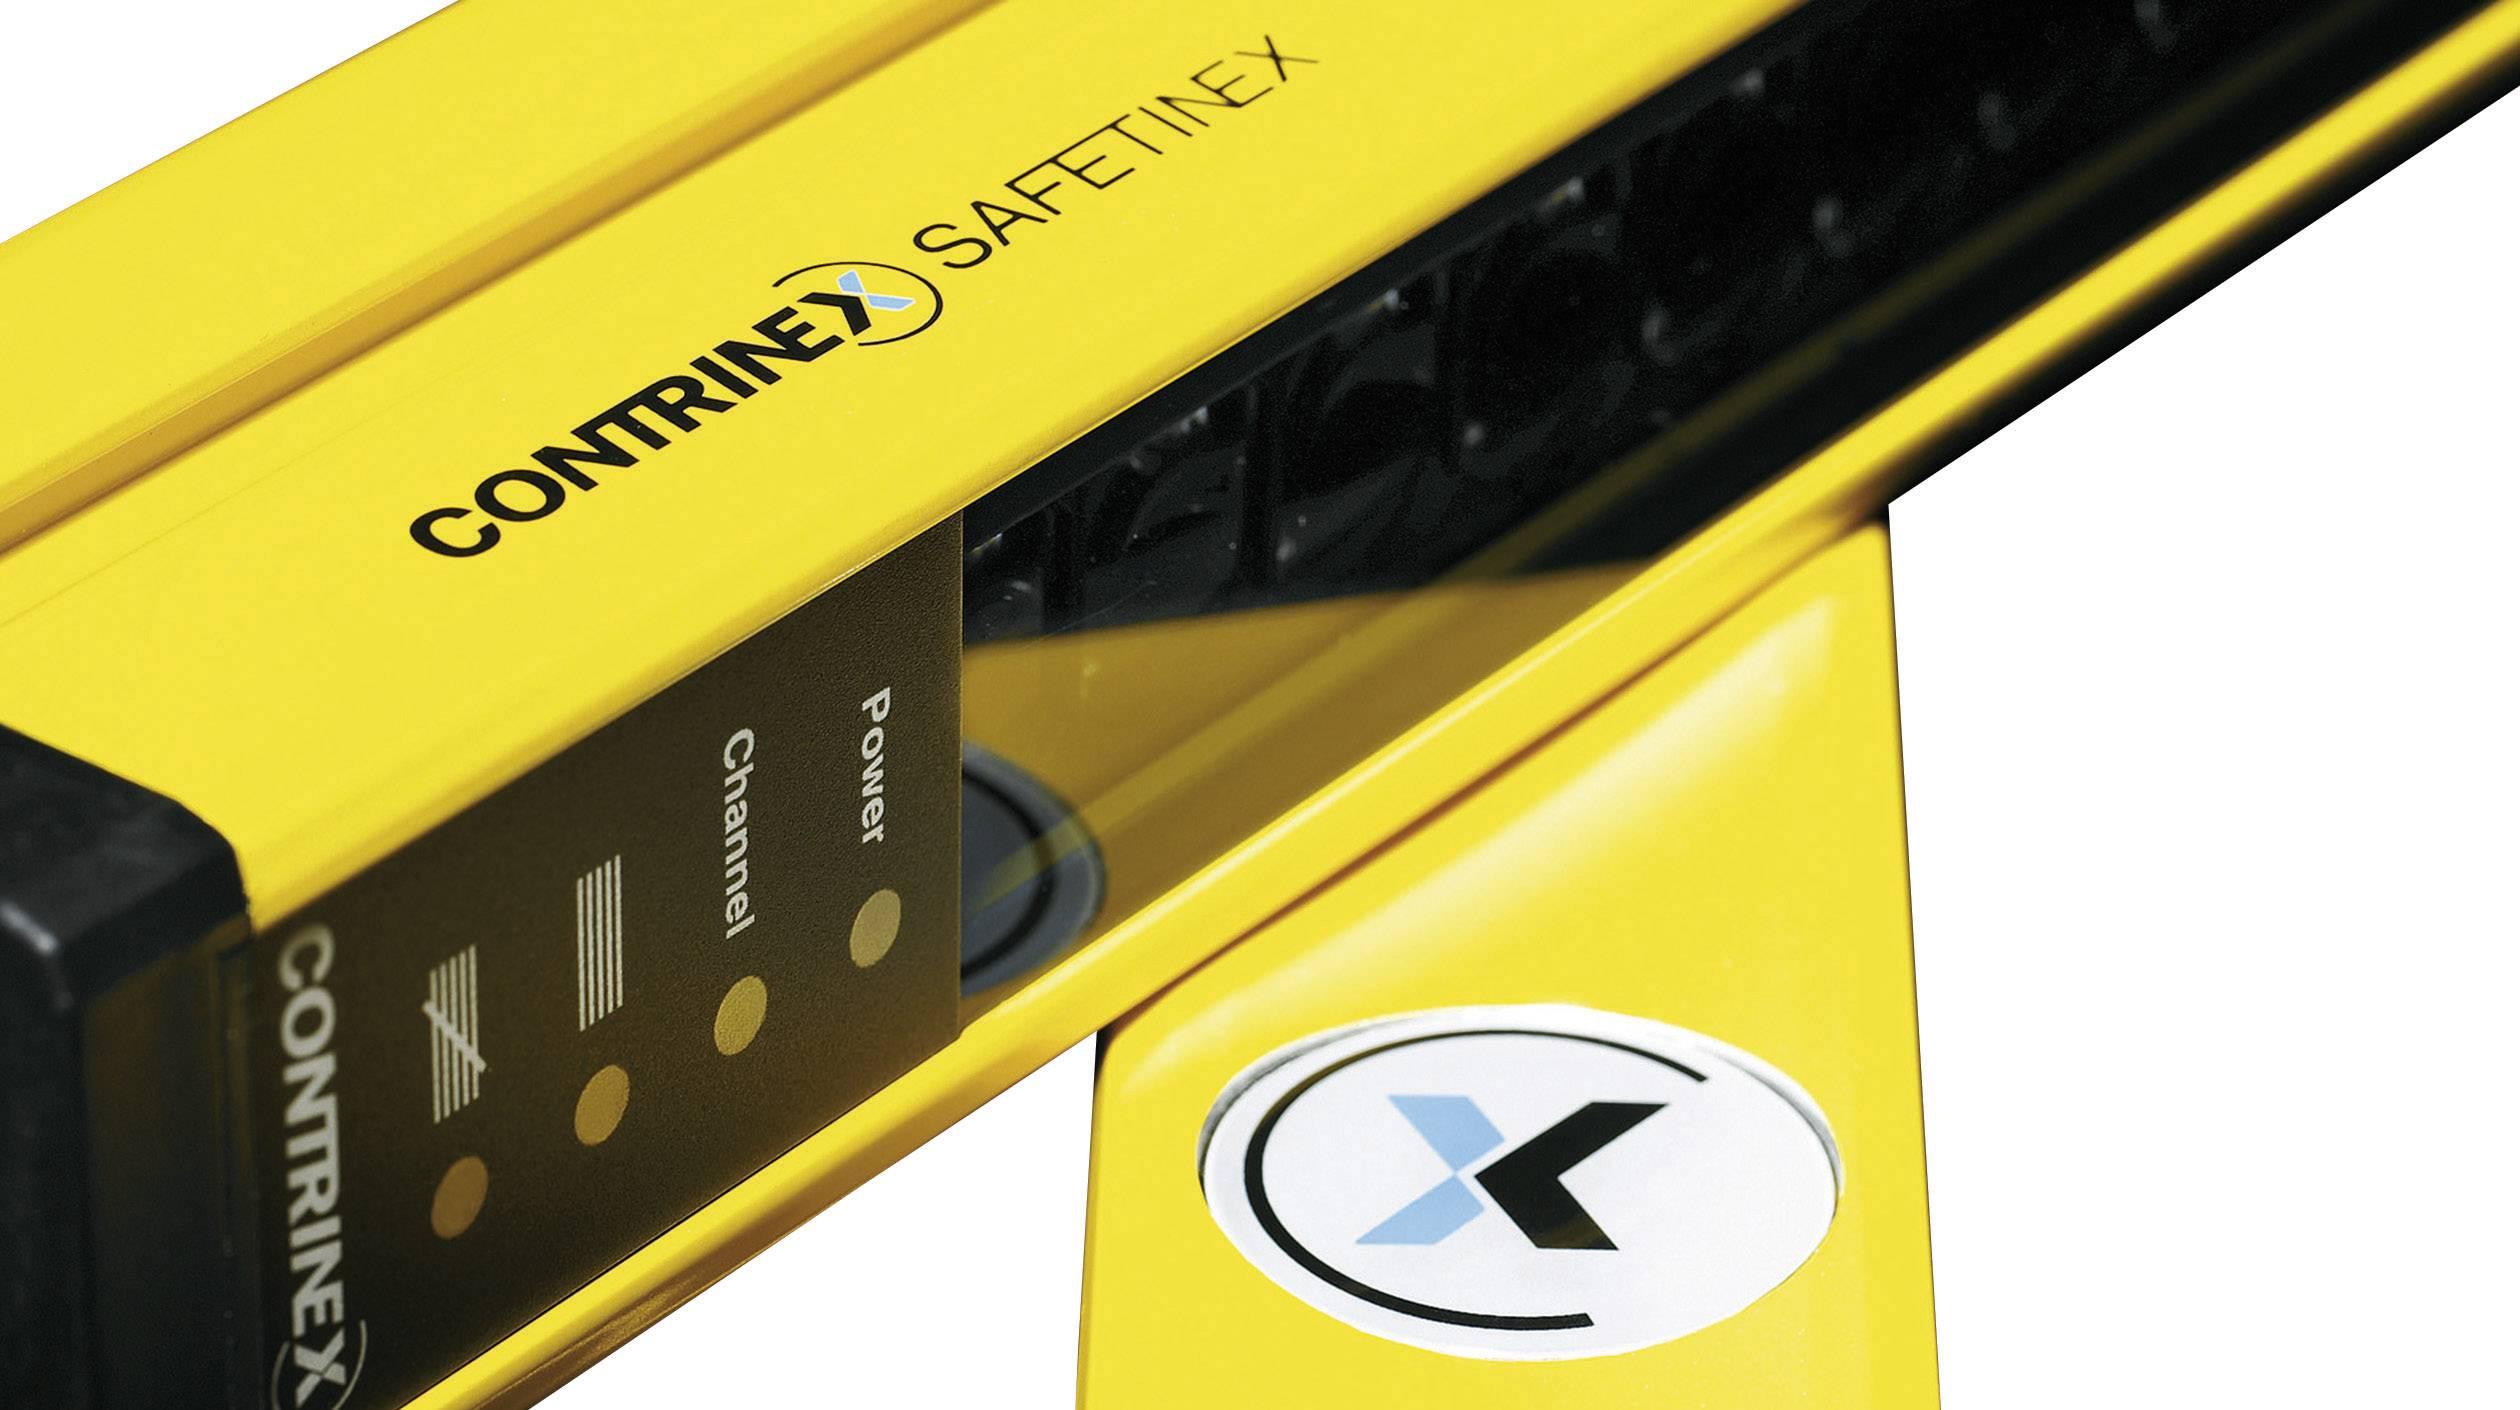 Bezpečnostní světelná závora pro ochranu prstů Contrinex YBB-14S4-1000-G012 630 000 131